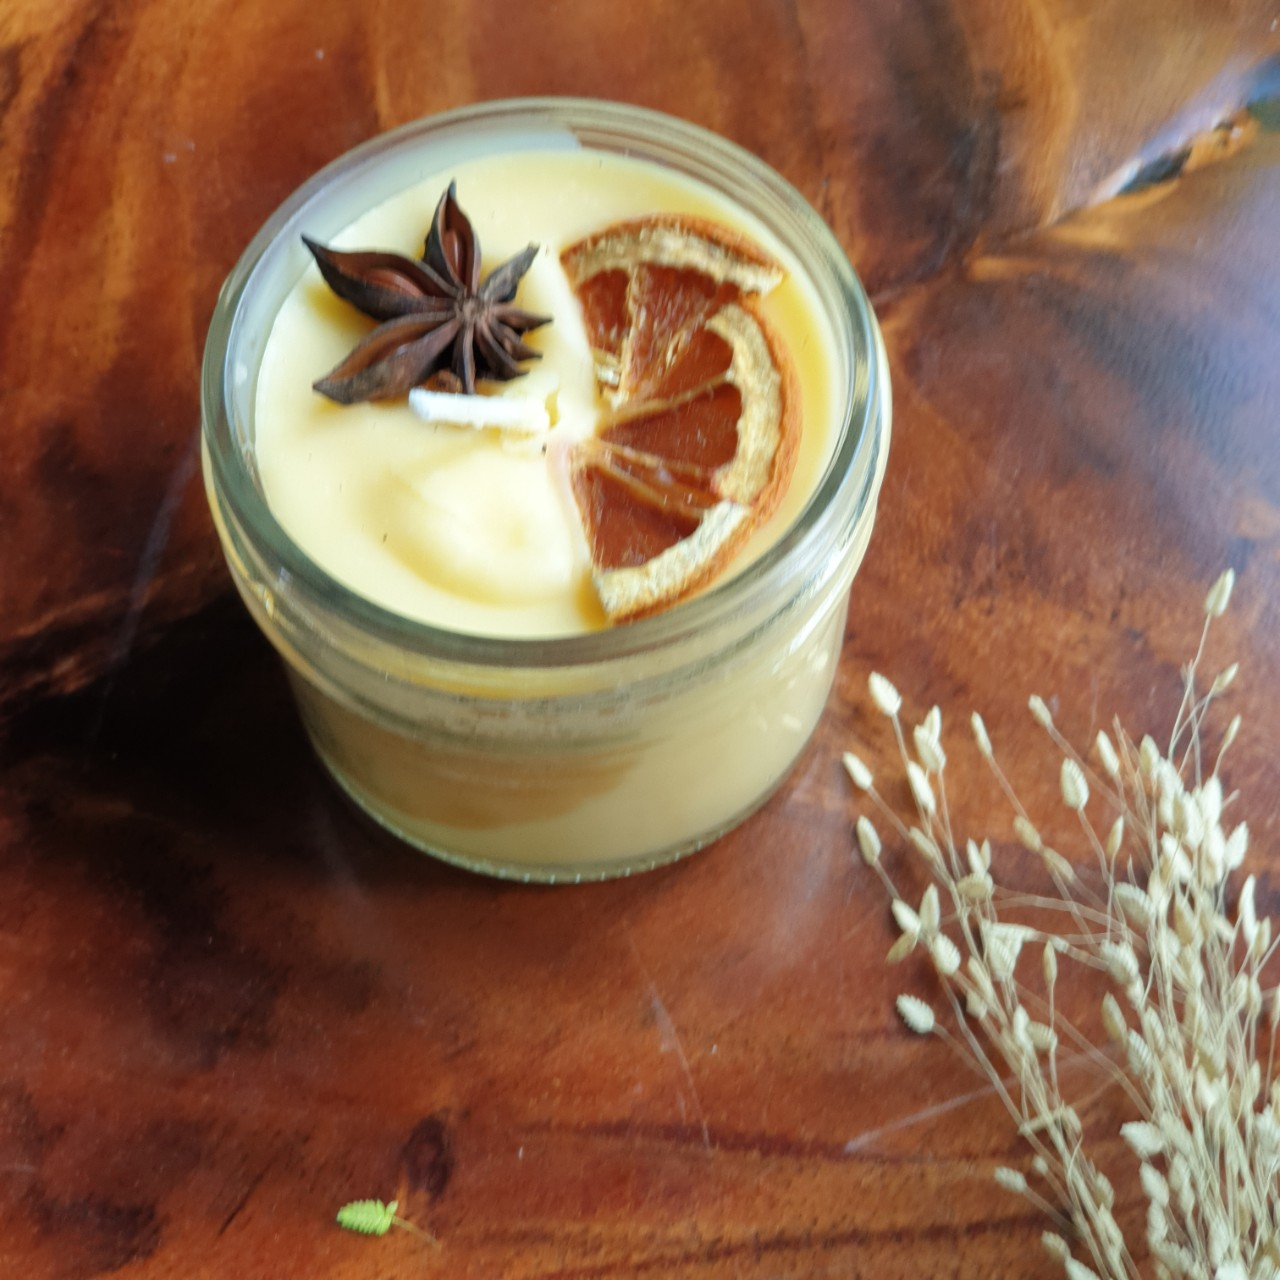 Nến thơm tinh dầu Quýt (cam) 100g - giúp thư giãn, thơm phòng khử mùi, giảm stress với thành phần hoàn toàn tự nhiên